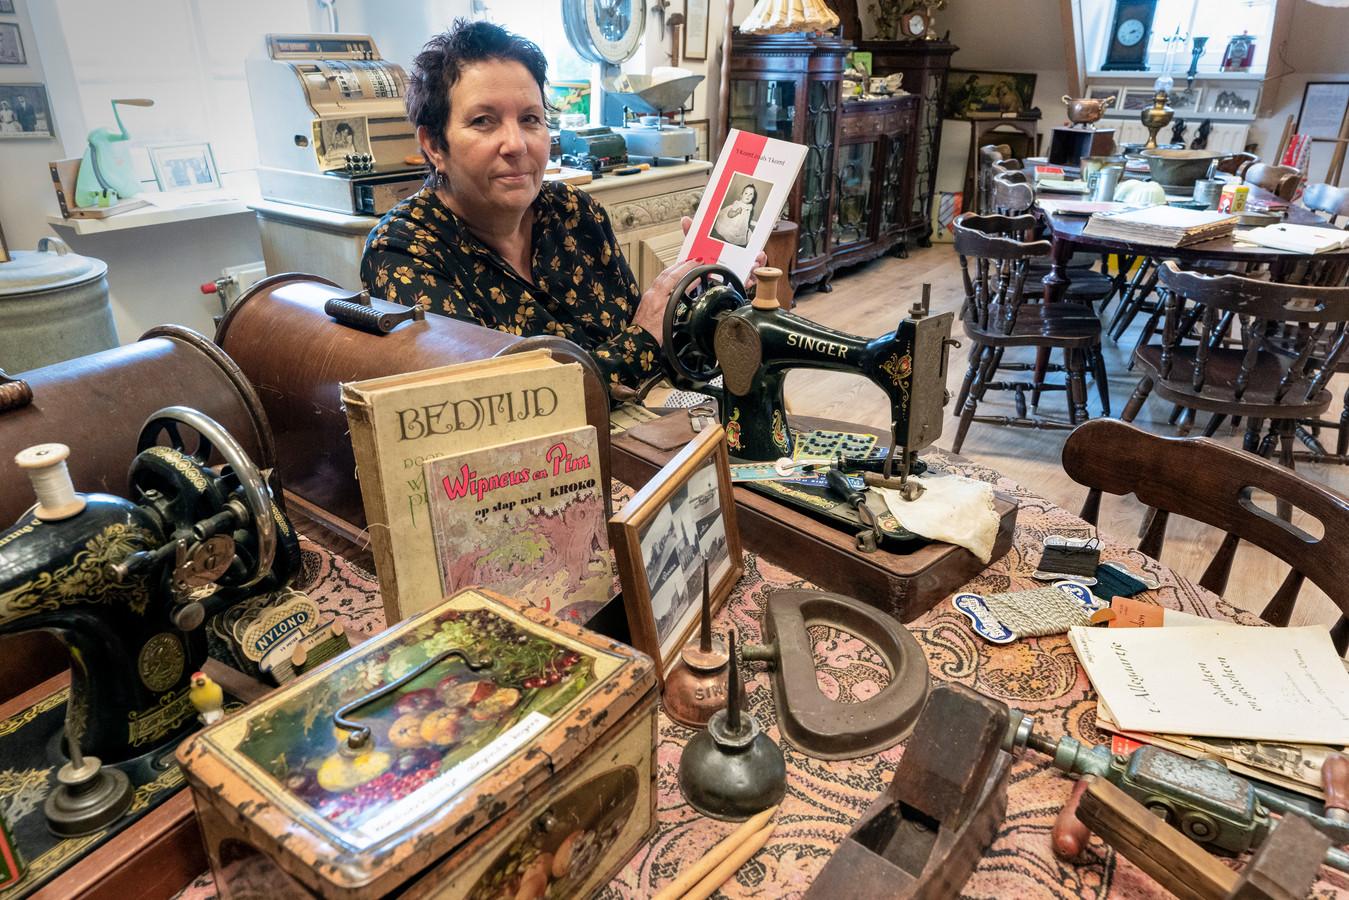 Astrid Damen in haar landelijk museum 't Schuurke in Alem, vol met oude spullen uit de omgeving.